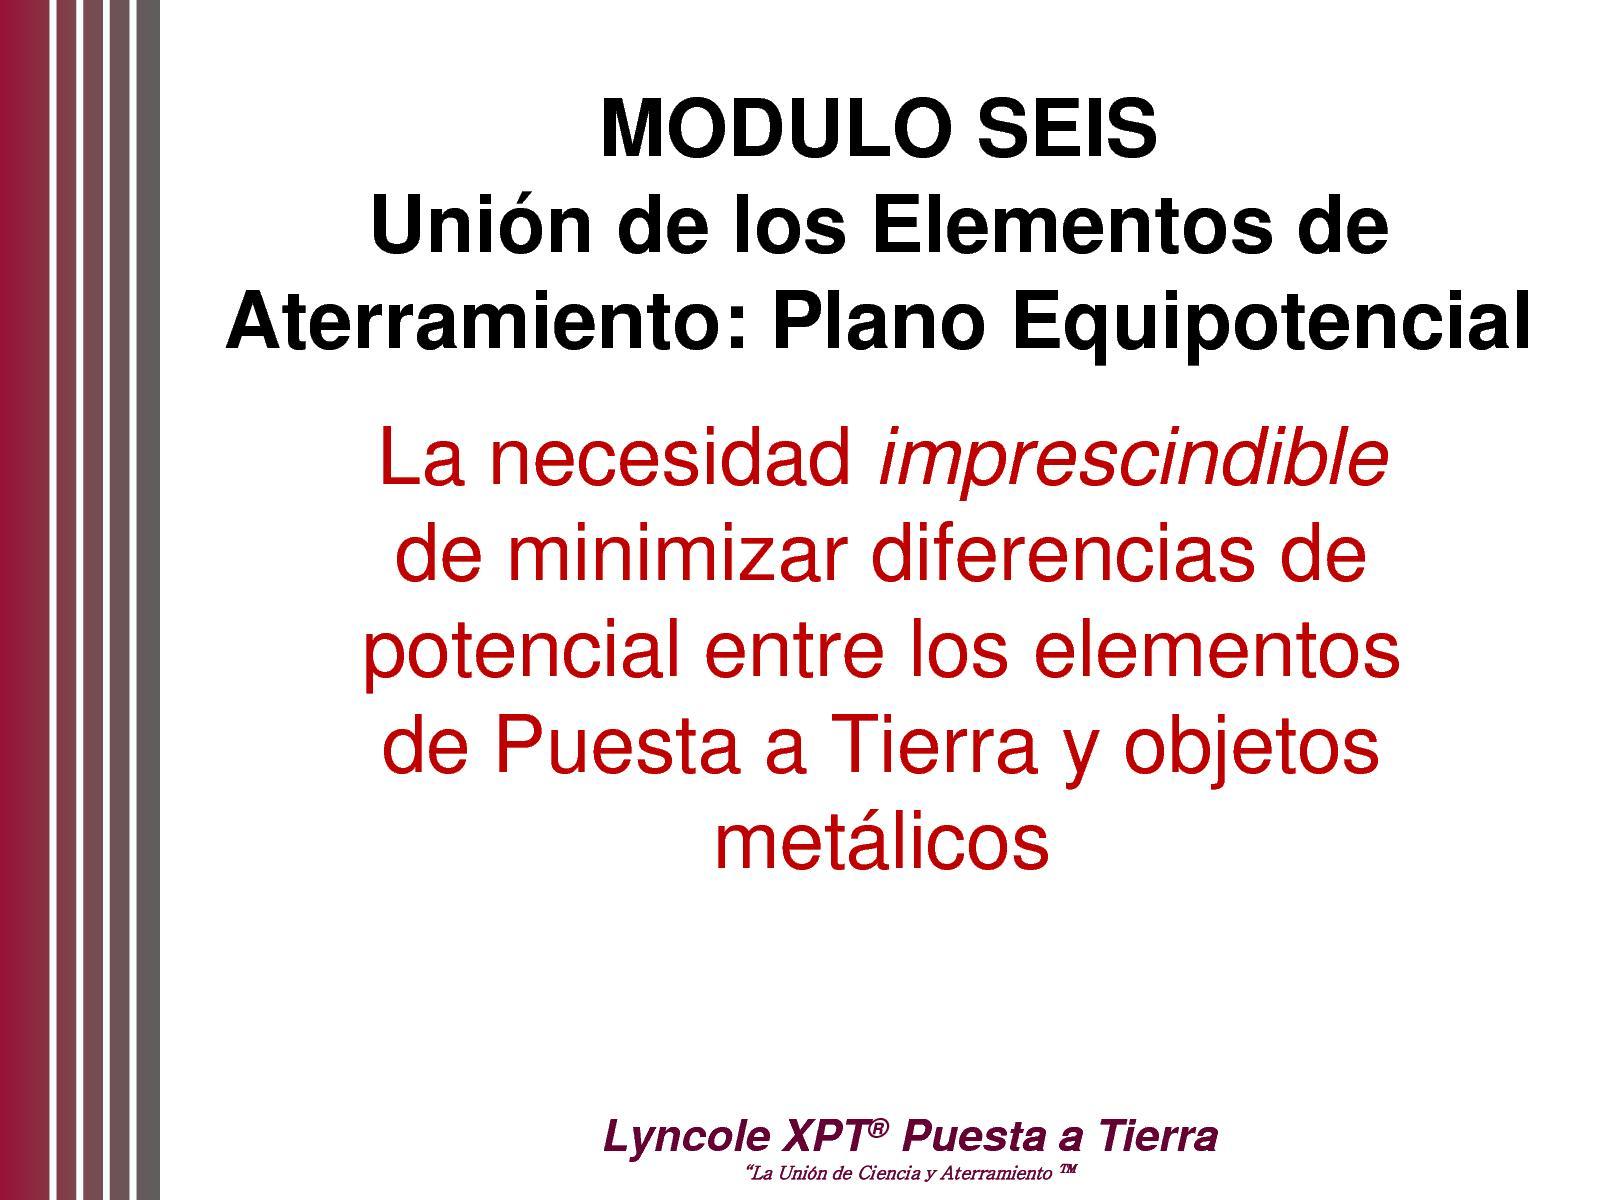 Módulo 6  -  Unión de los Elementos de Aterramiento - Plano Equipotencial  -  VAF